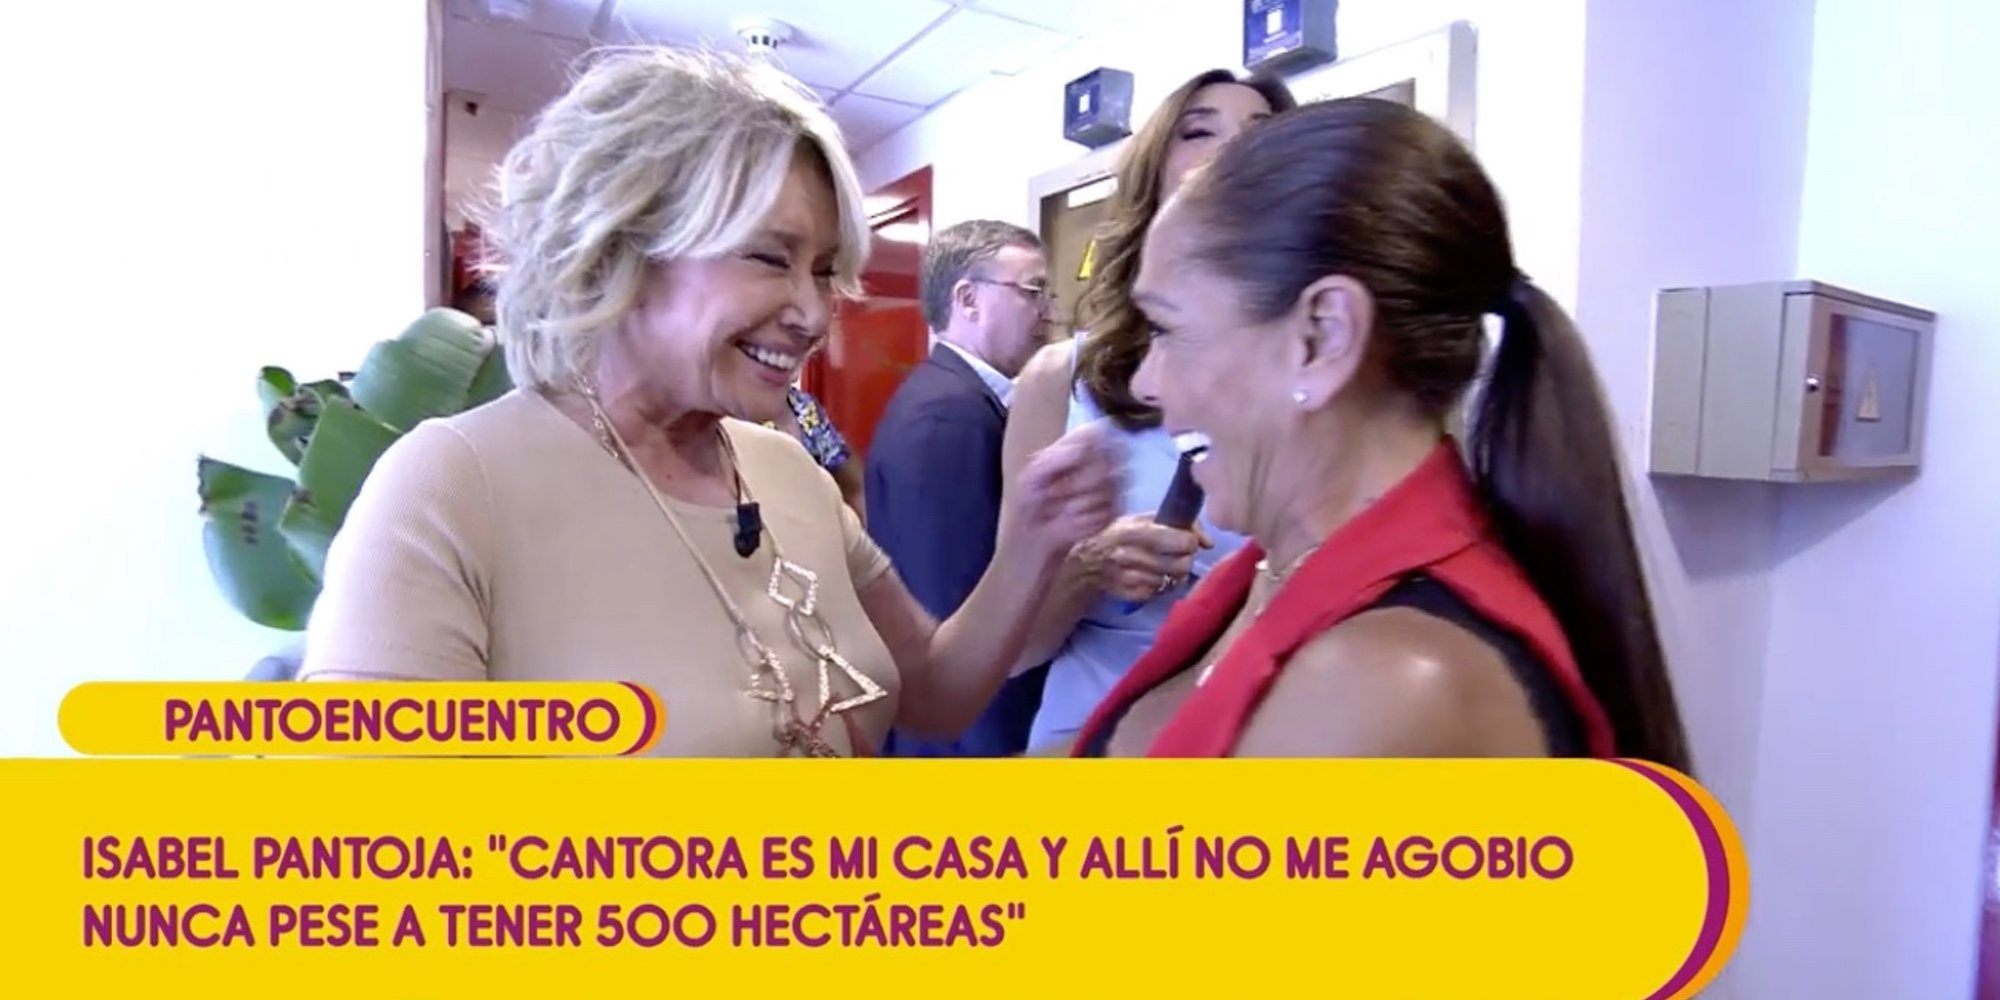 El histórico abrazo de Isabel Pantoja y Mila Ximénez que sella la paz tras años de polémicas